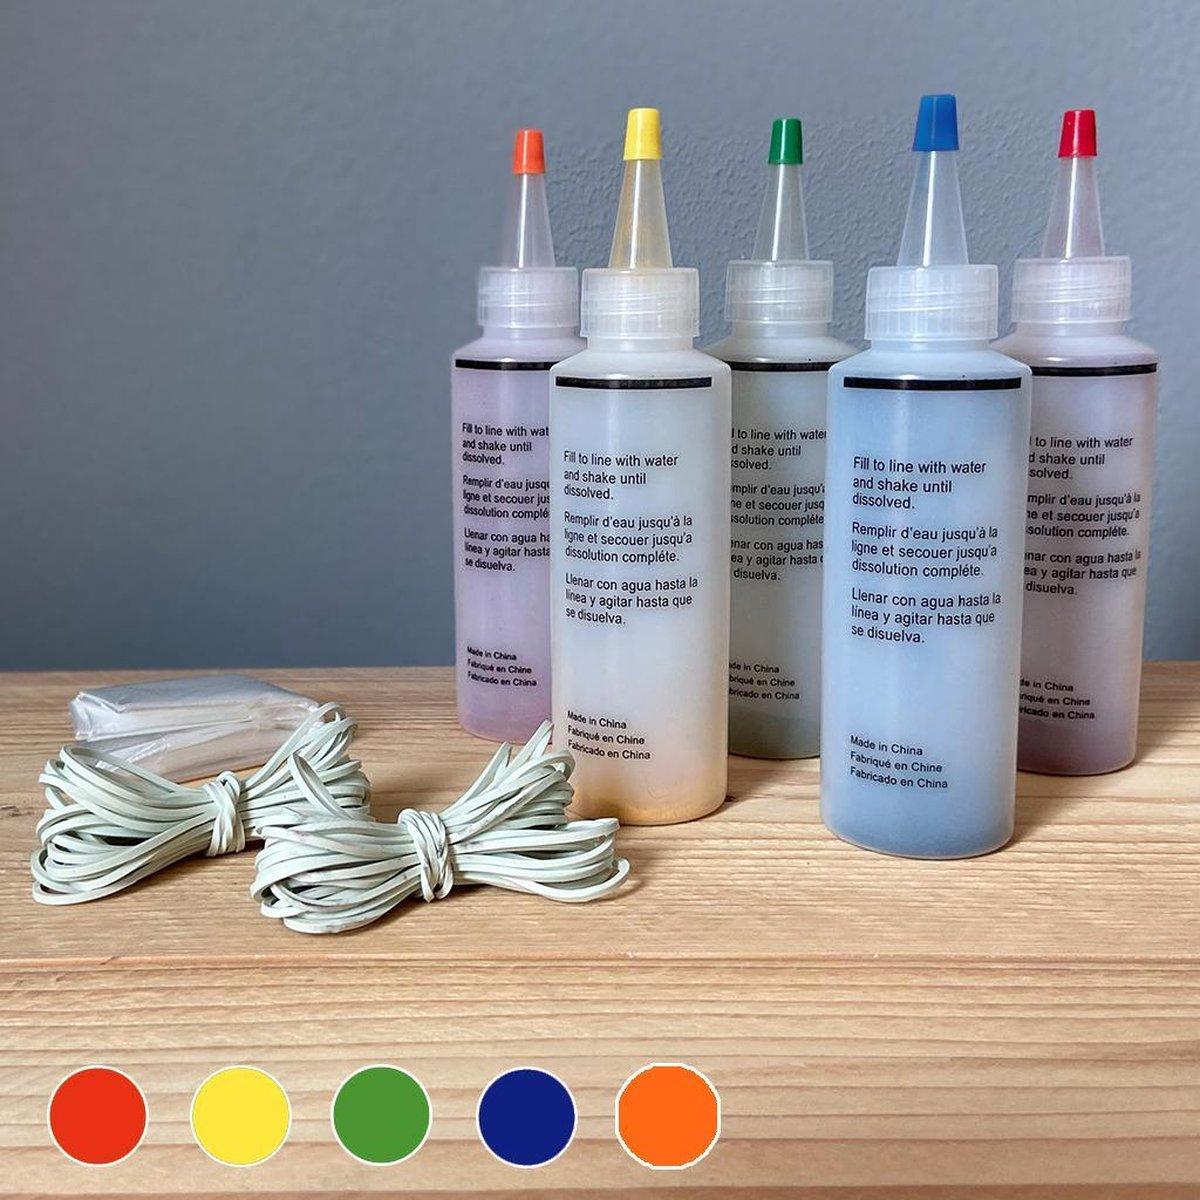 Complete tie dye starterset met 5 kleuren - Rood, geel, groen, blauw & oranje - 120ml - Tie Dye kit - Tie Dye Verf - Textielverf - Batik verf